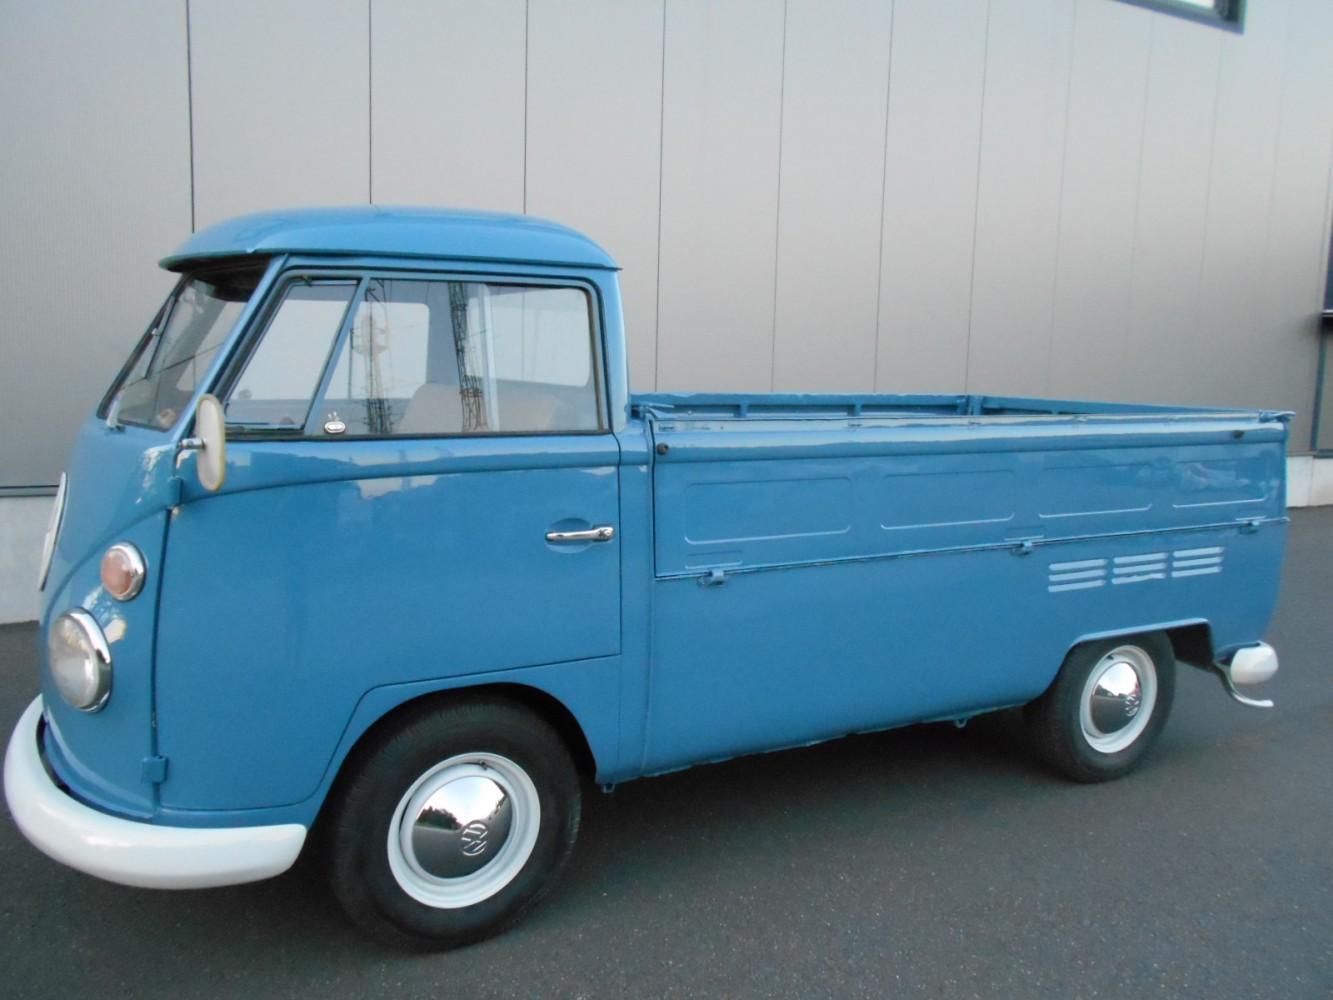 volkswagen t1 pritsche deutsches fahrzeug single cab. Black Bedroom Furniture Sets. Home Design Ideas